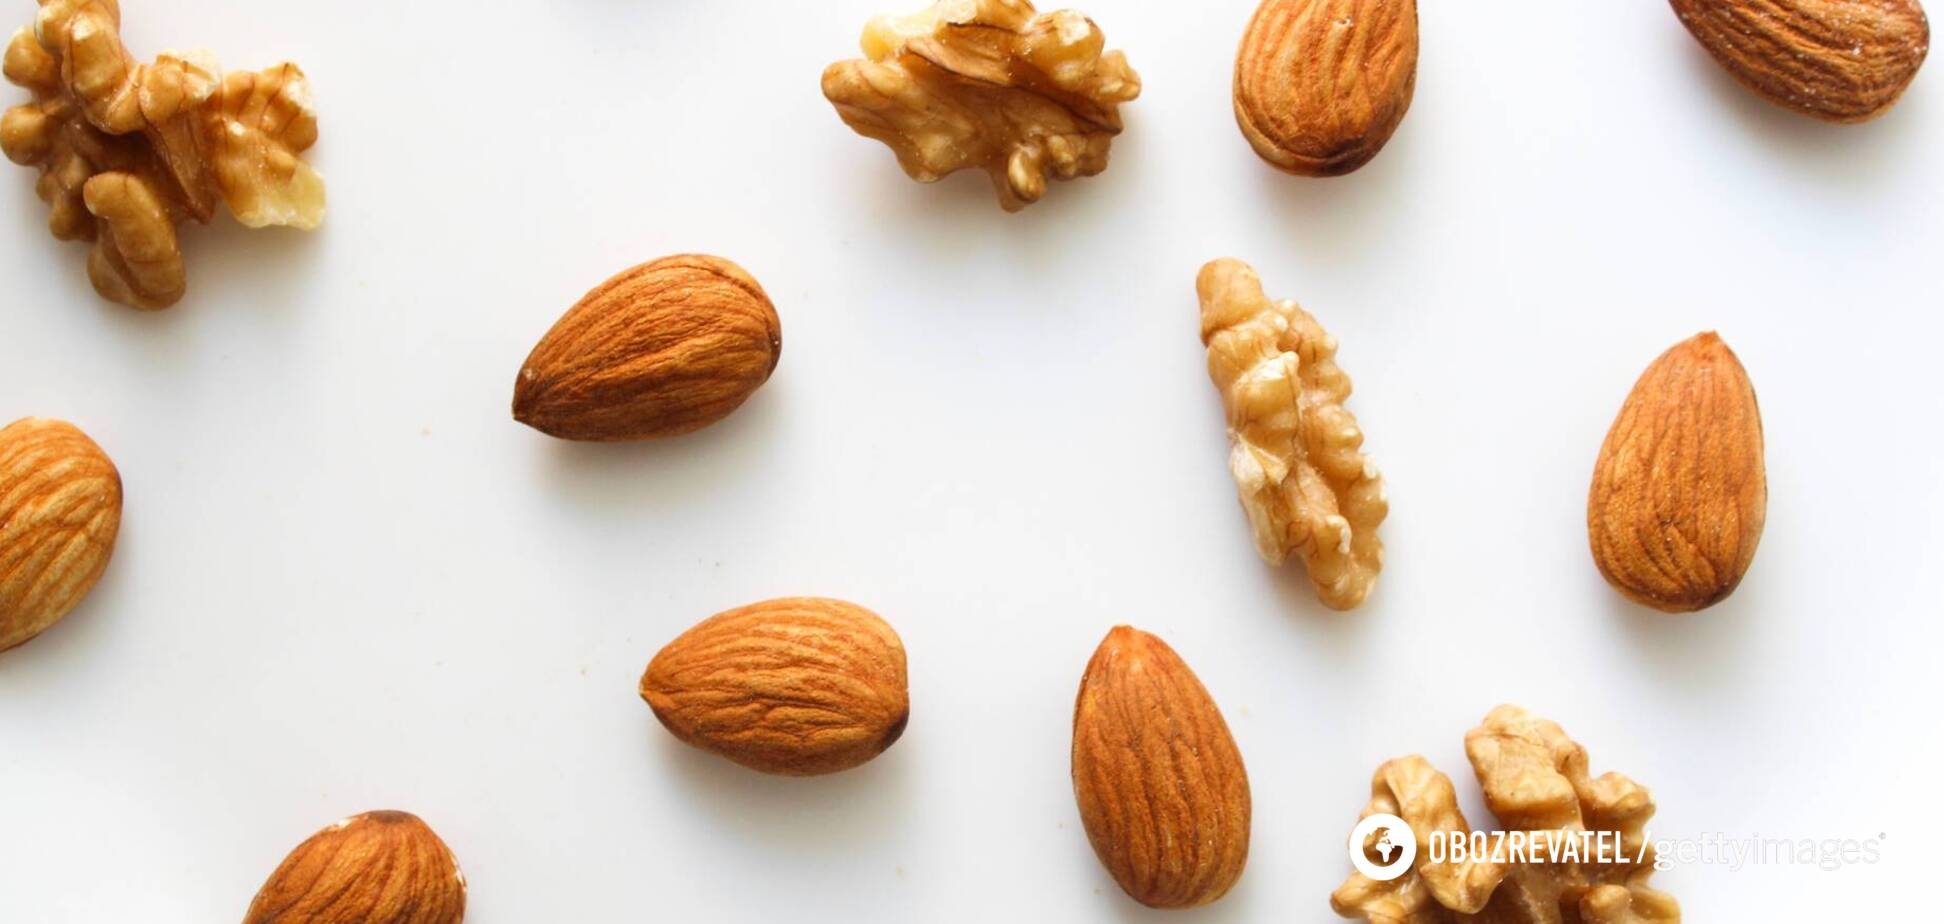 Грецкий орех и миндаль способствуют снижению 'плохого' холестерина